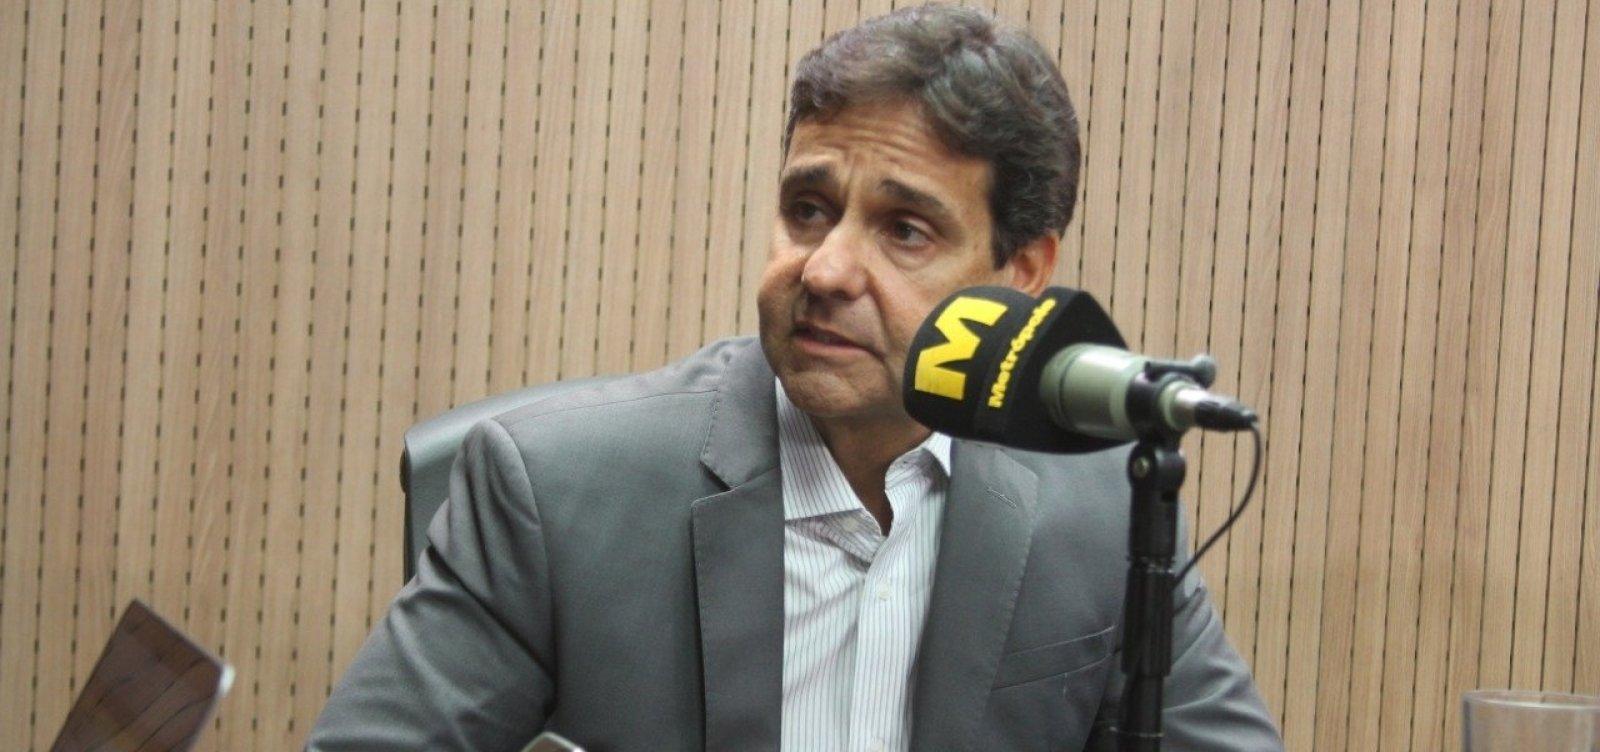 [Presidente da Ademi-BA vê 'expectativa positiva' em nomeação de Paulo Guedes no governo Bolsonaro]